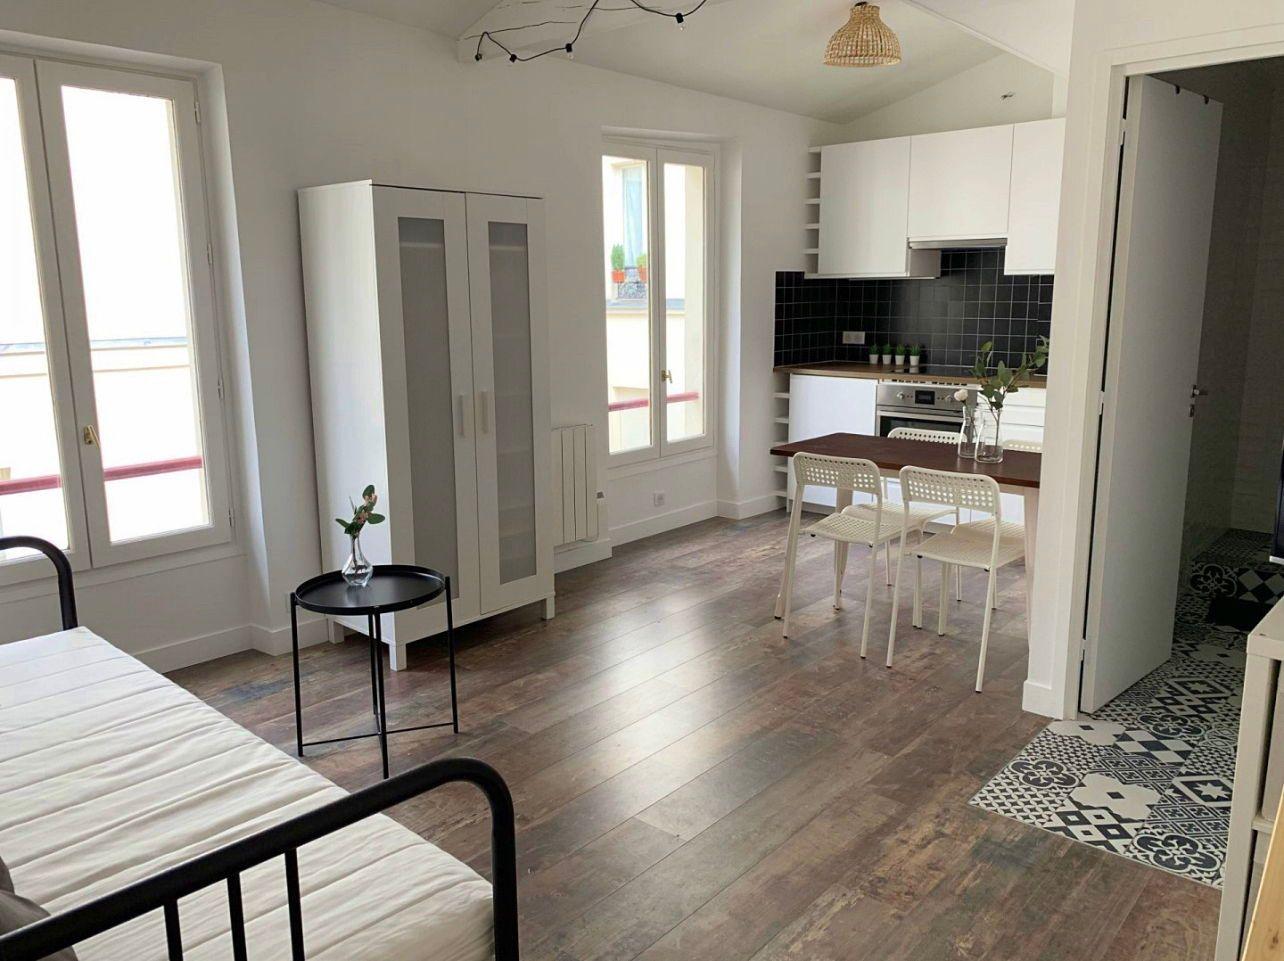 Loue studio - Paris 18ème - 1chambre, 25m²